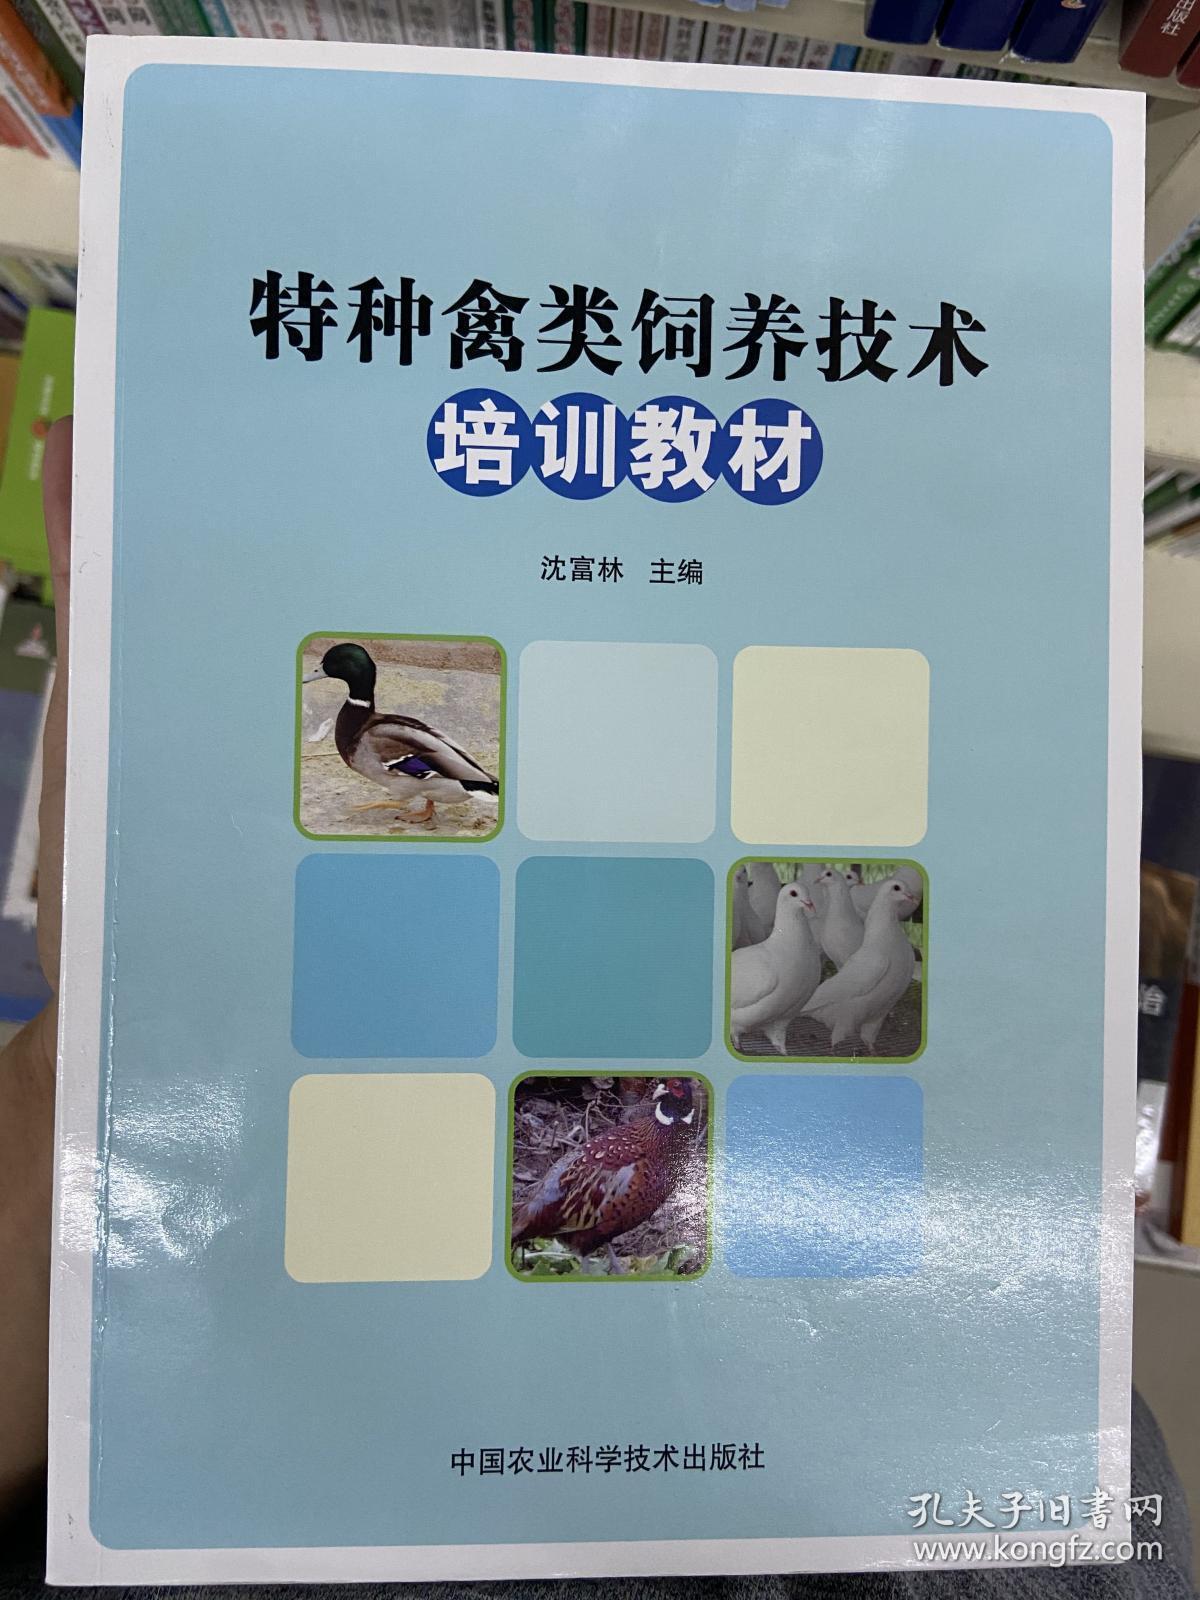 特种禽类饲养技术培训教材